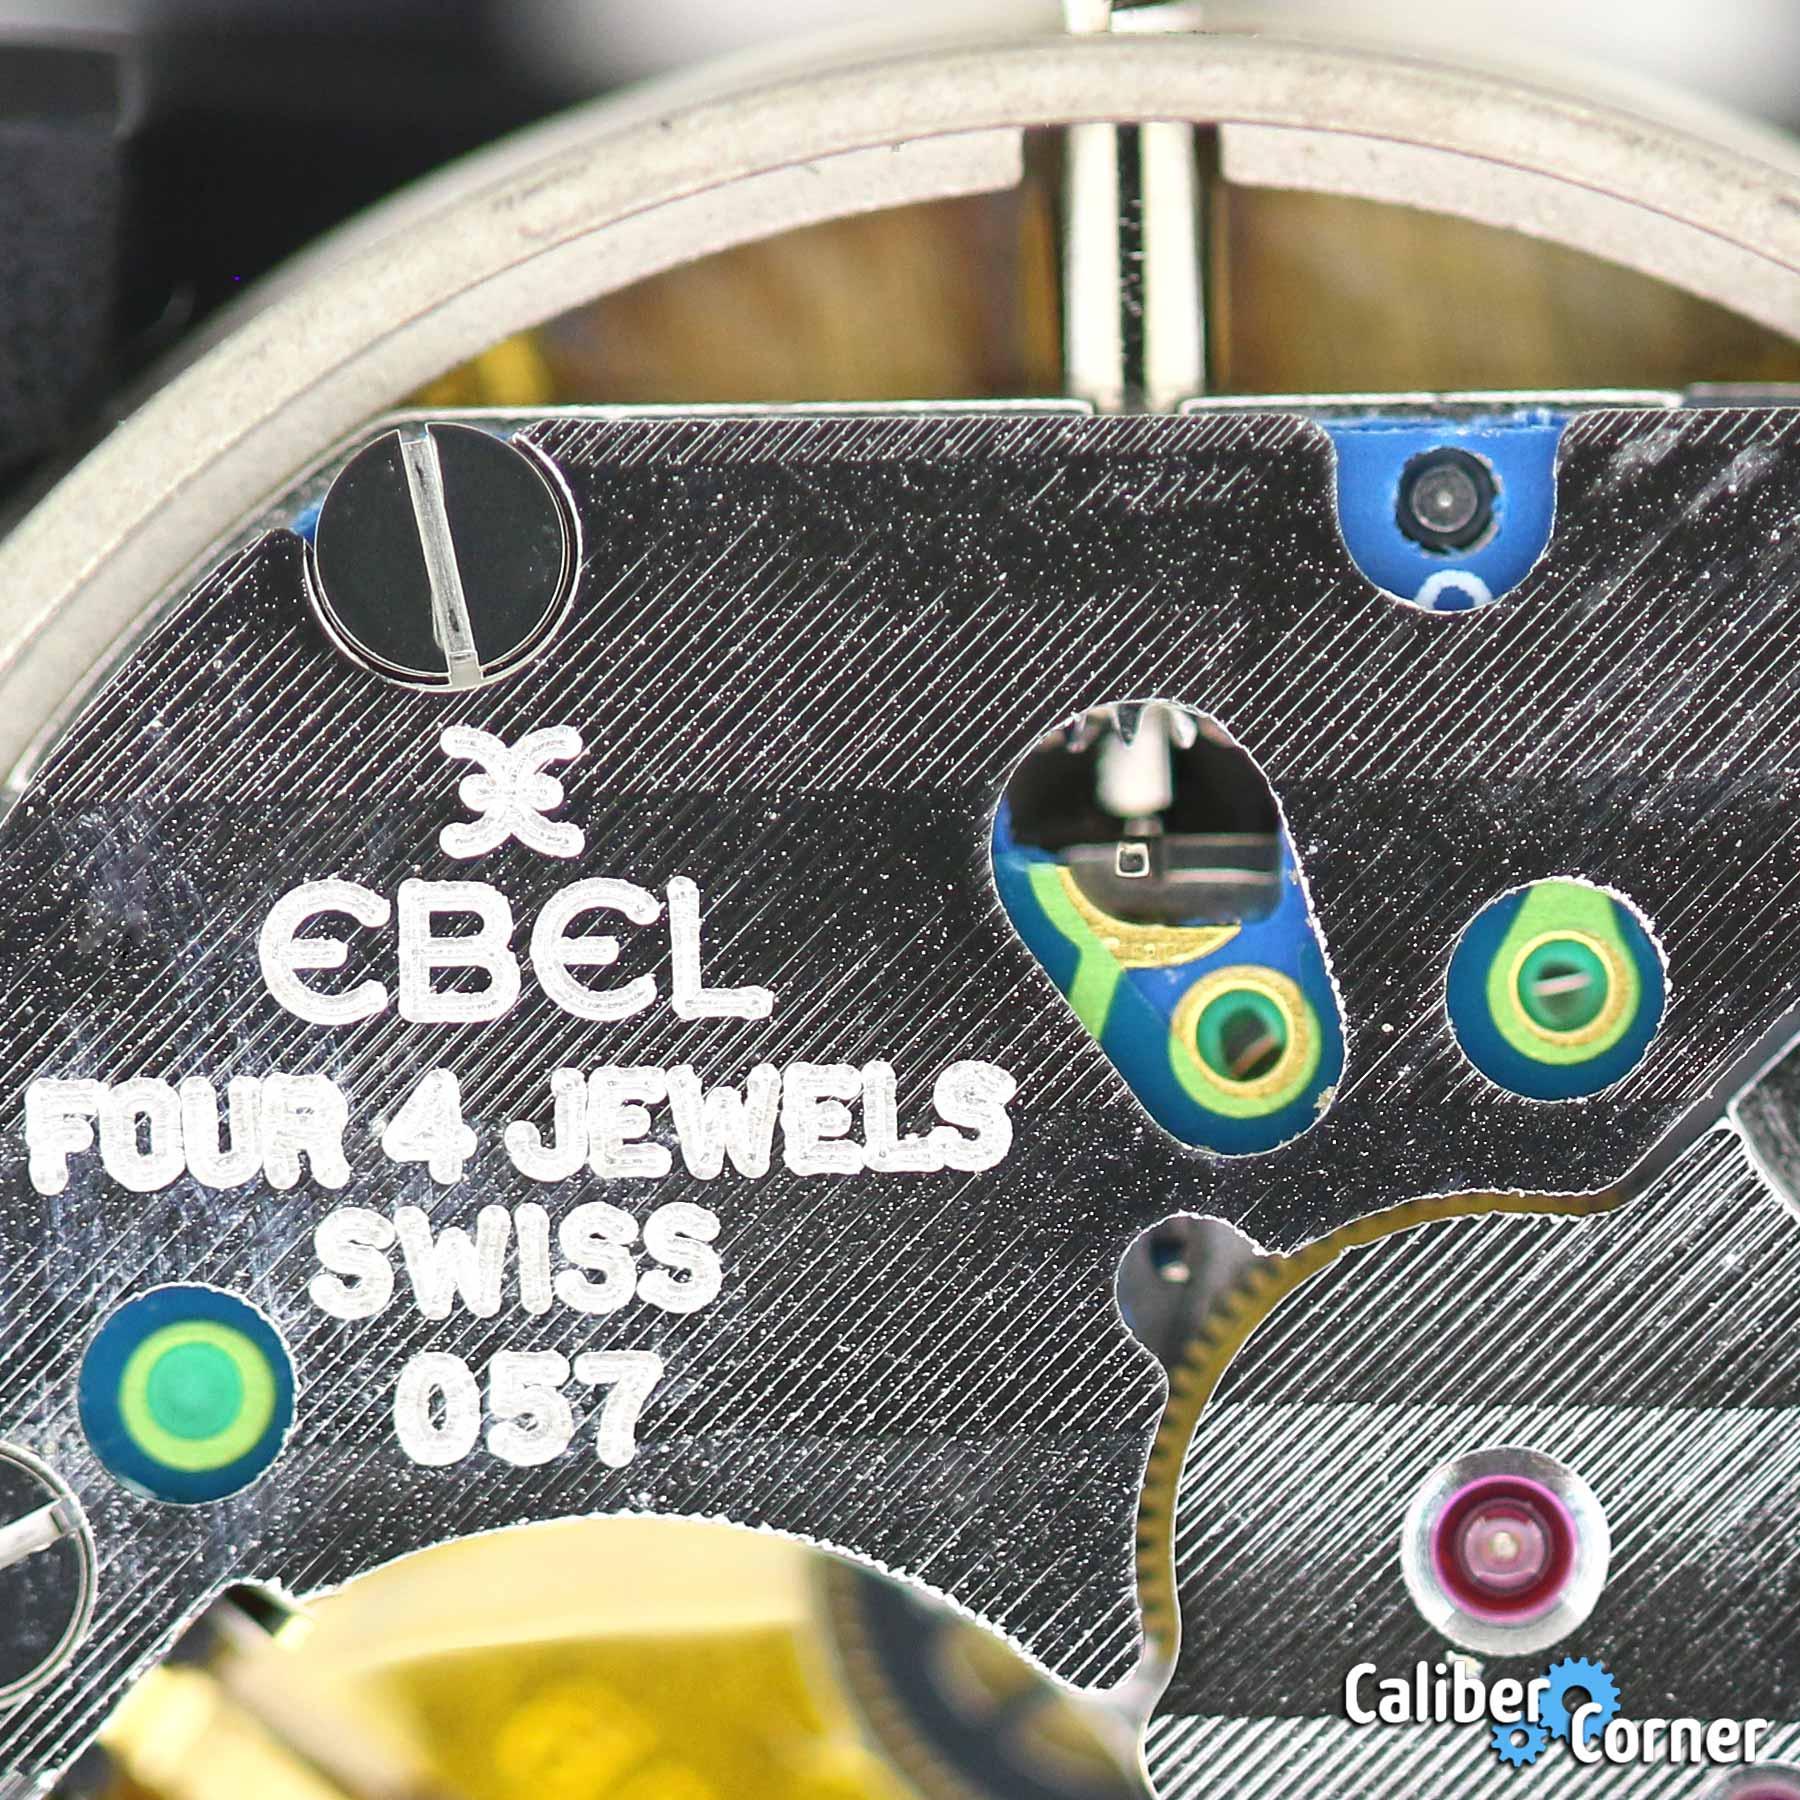 Ebel Caliber 057 Macro